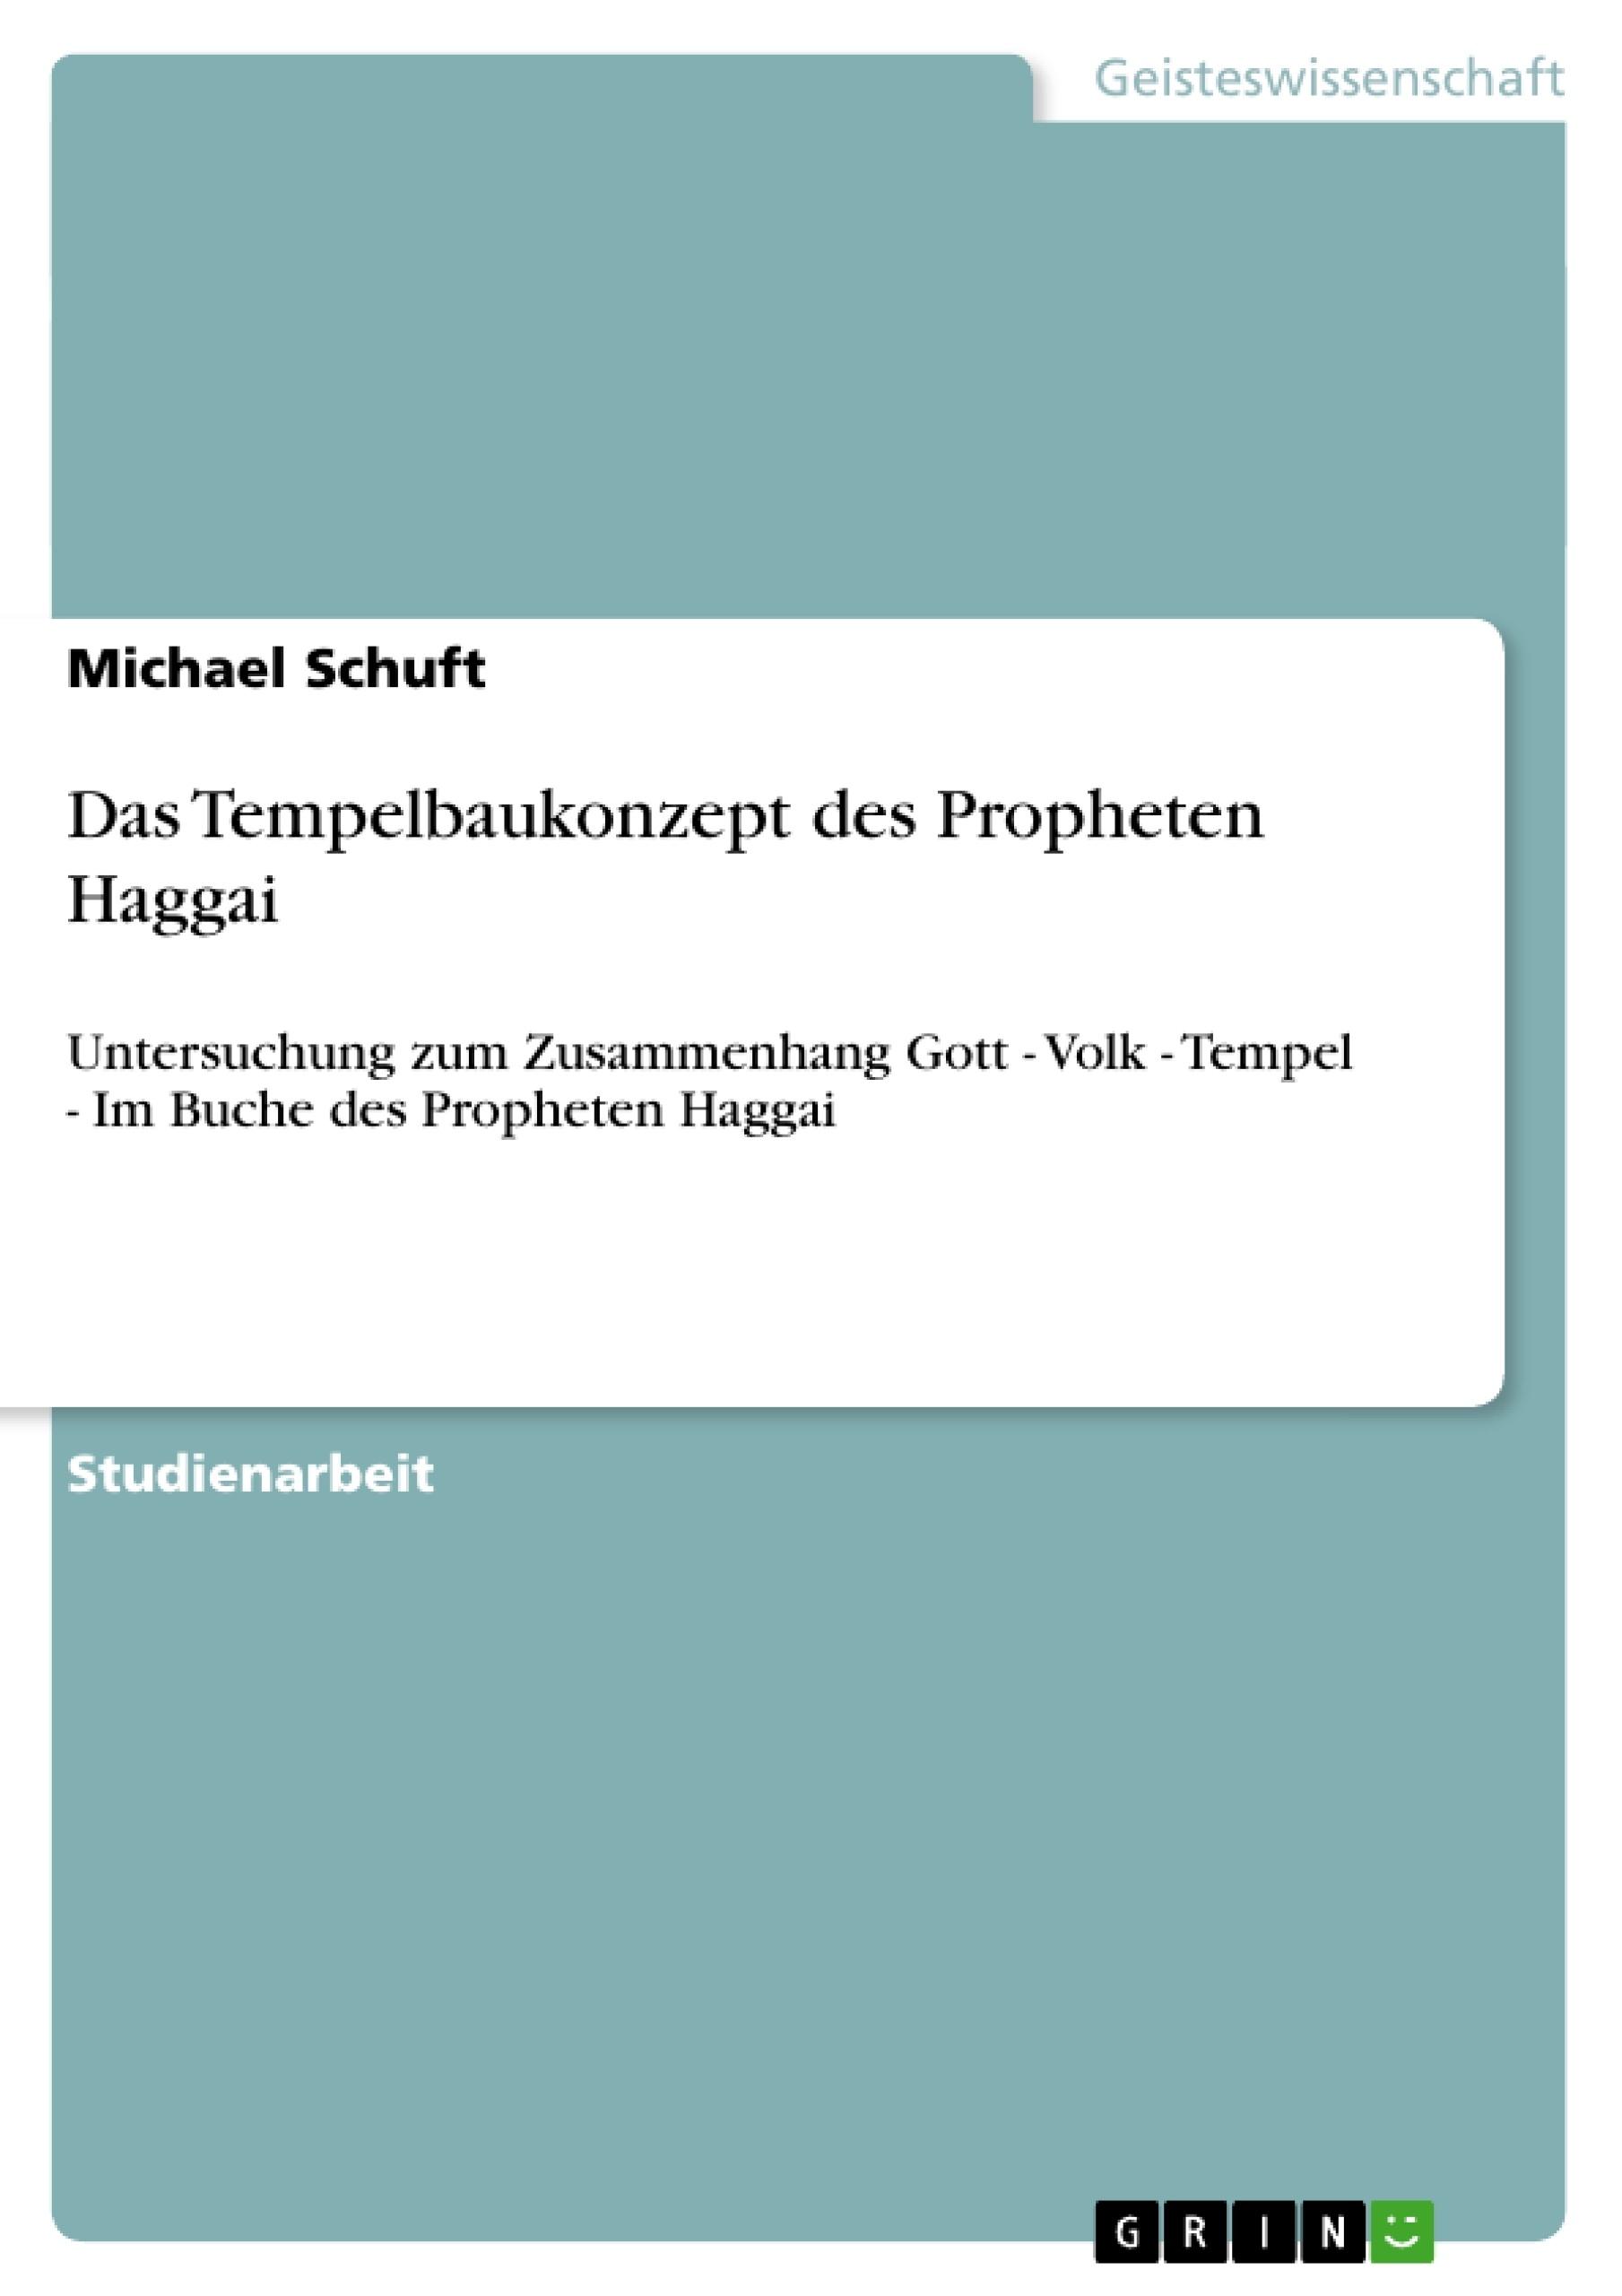 Titel: Das Tempelbaukonzept des Propheten Haggai